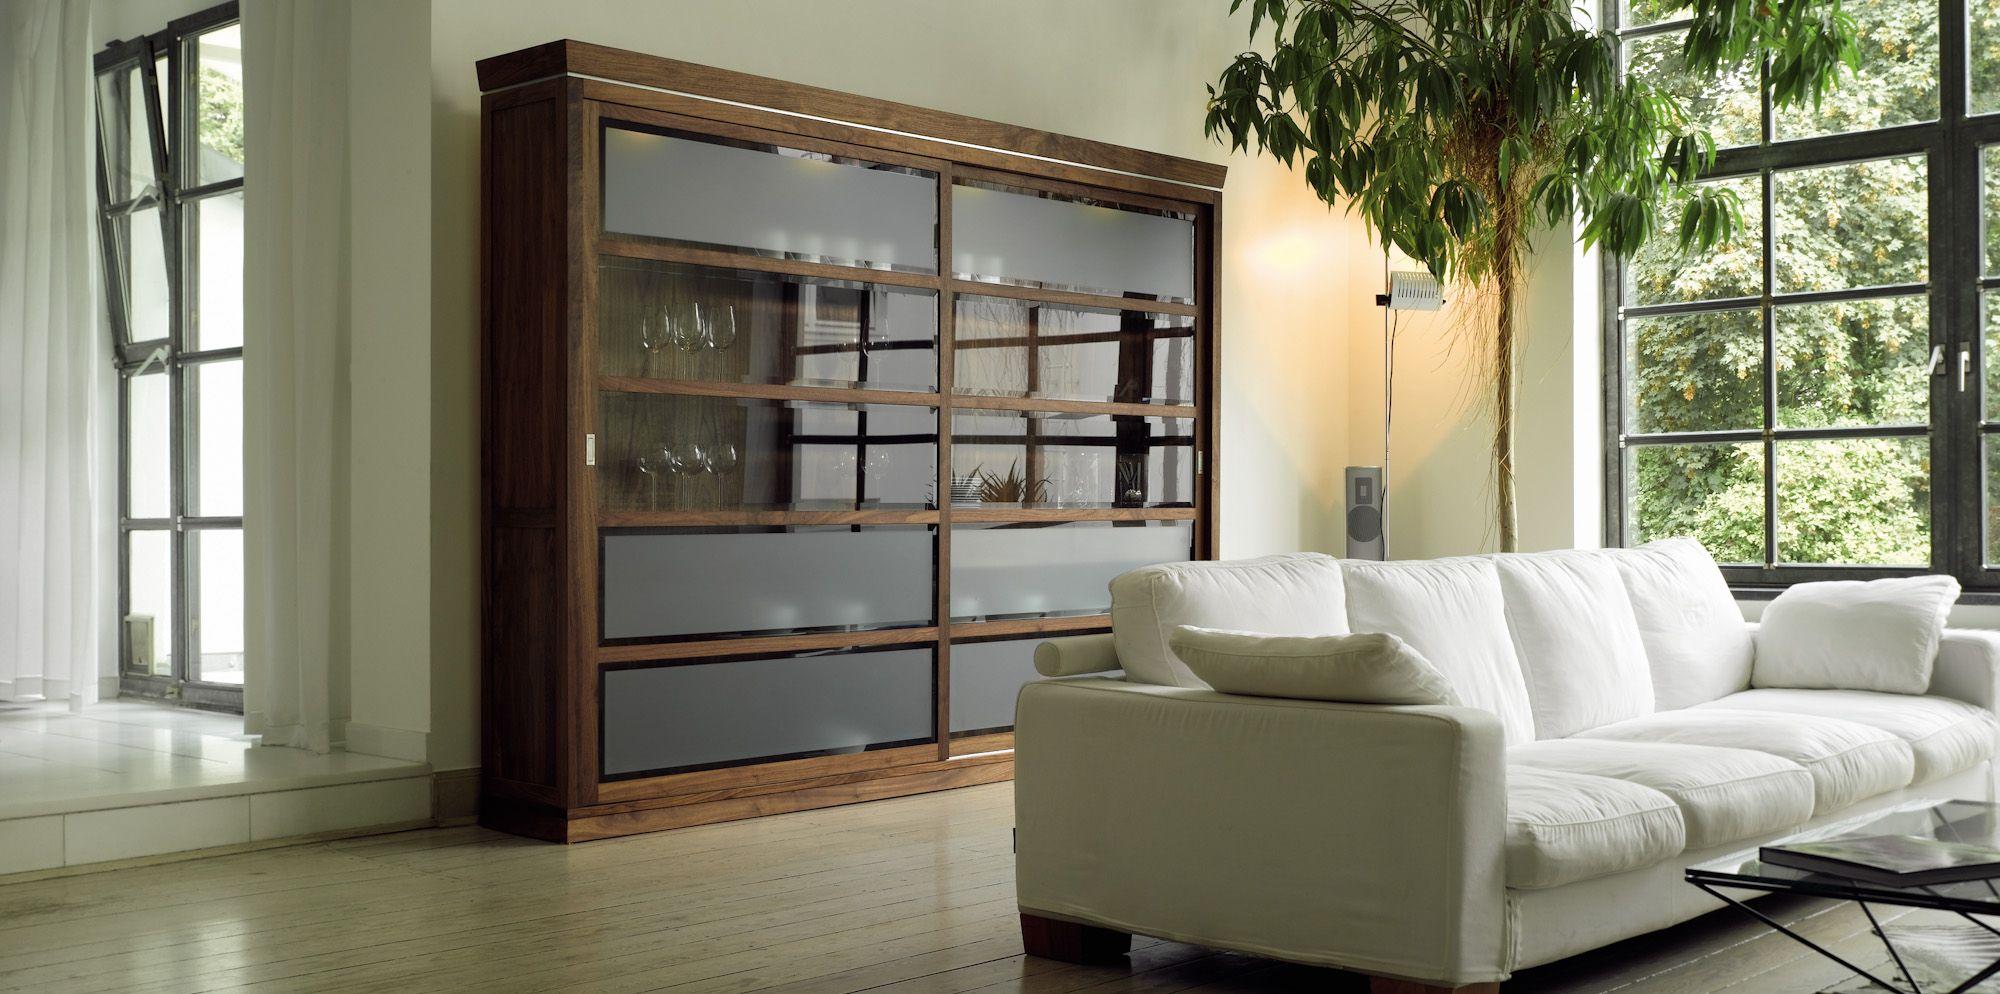 Vitrine Massivholz Glas Antike Optik Verschiedene Holzarten Und Maße Möglich Bei Möbel Morschett